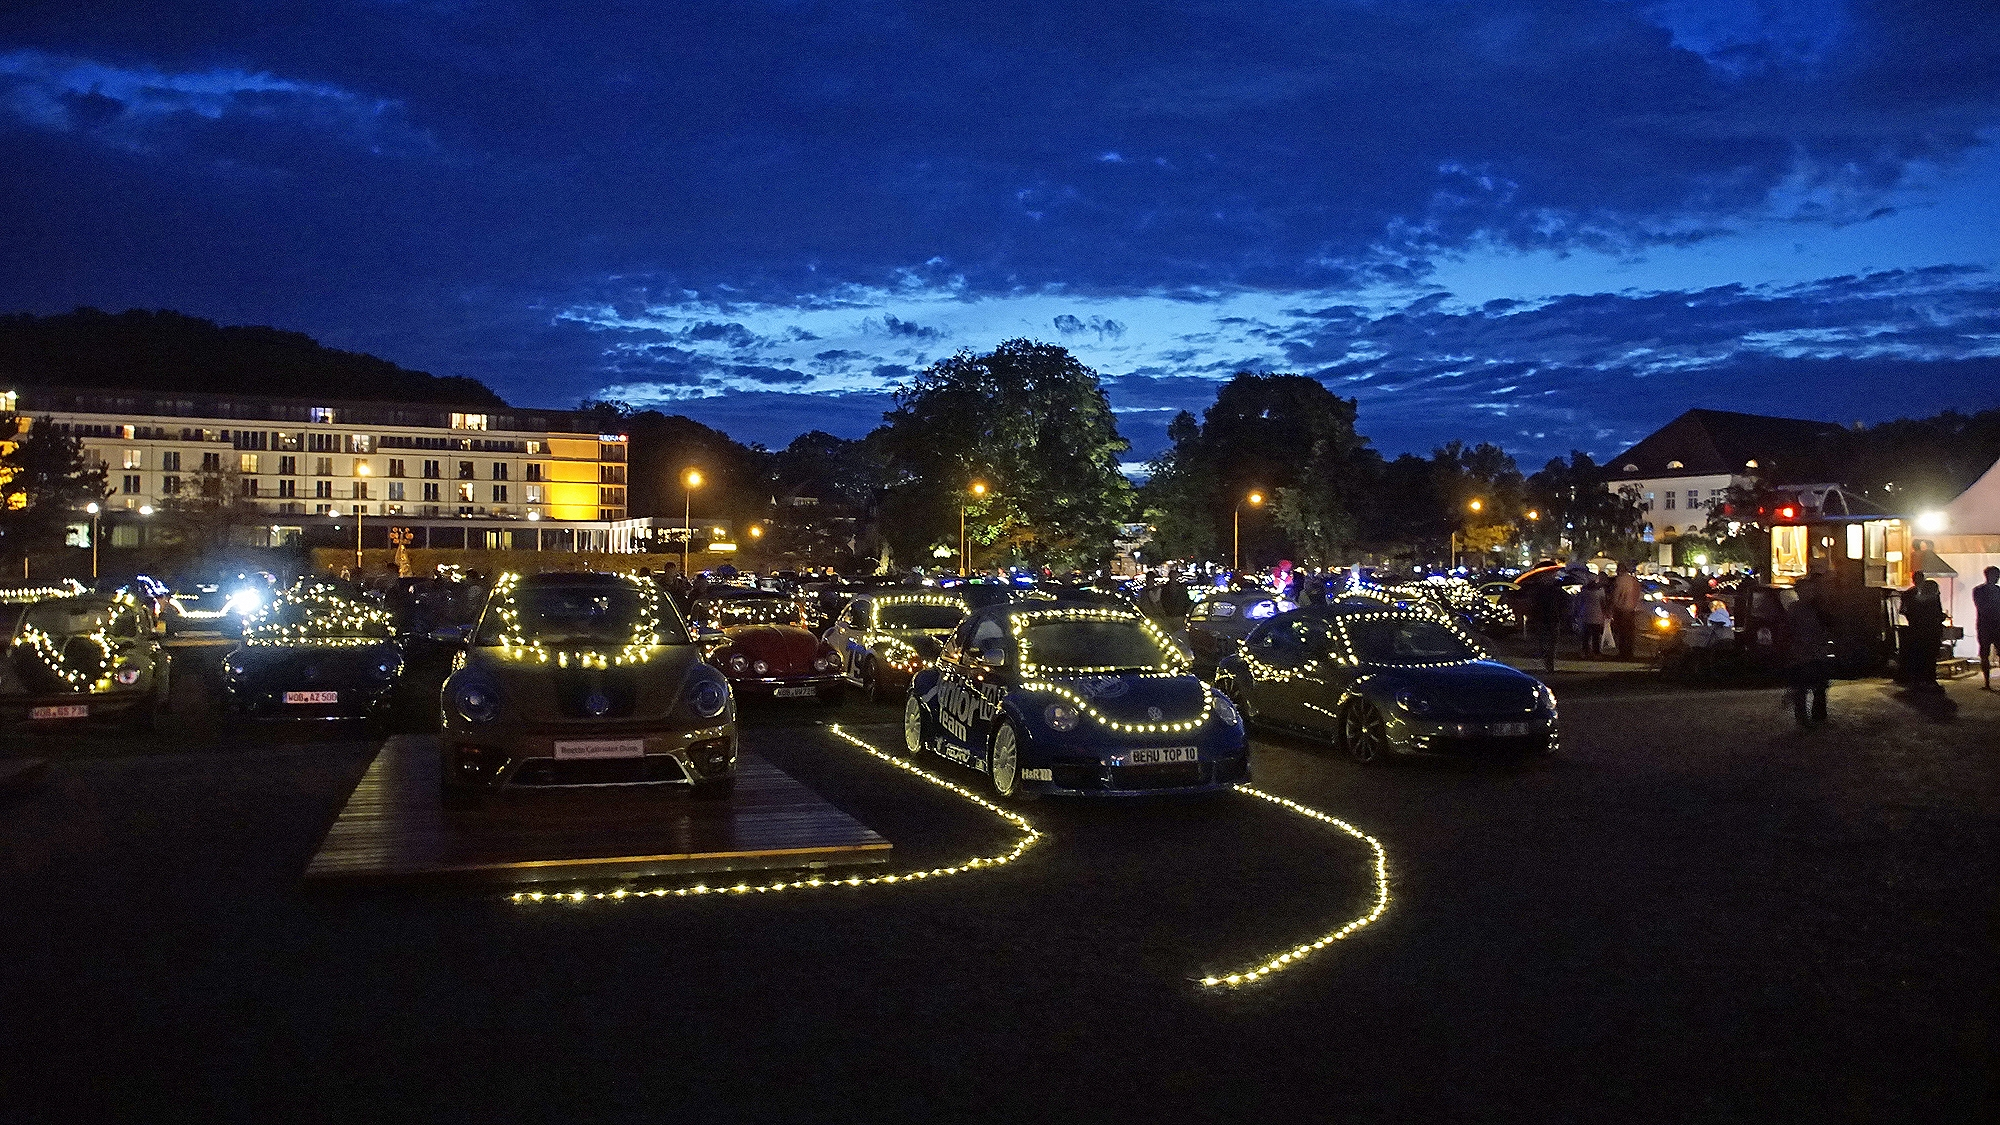 lichterfest travemünde 2019